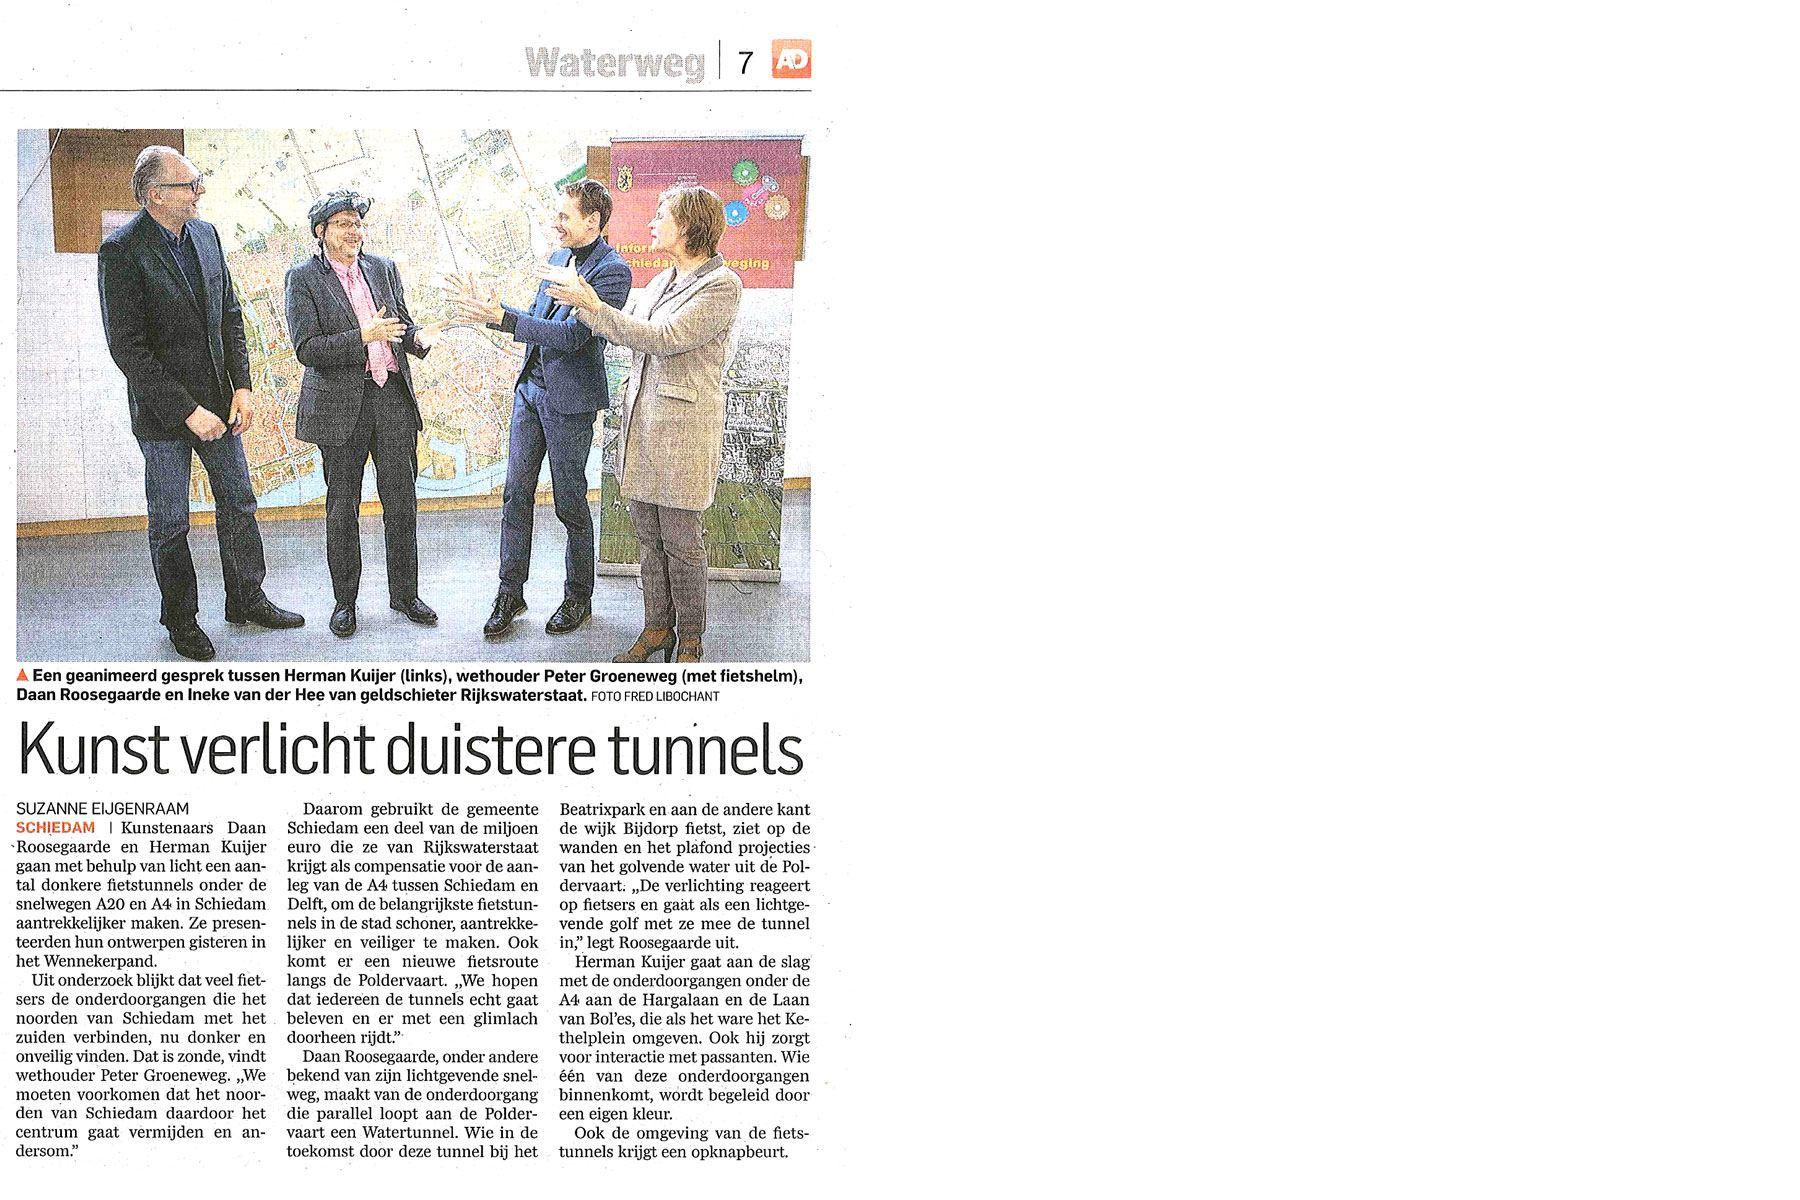 Kunst verlicht duistere tunnels - Algemeen Dagblad 2014